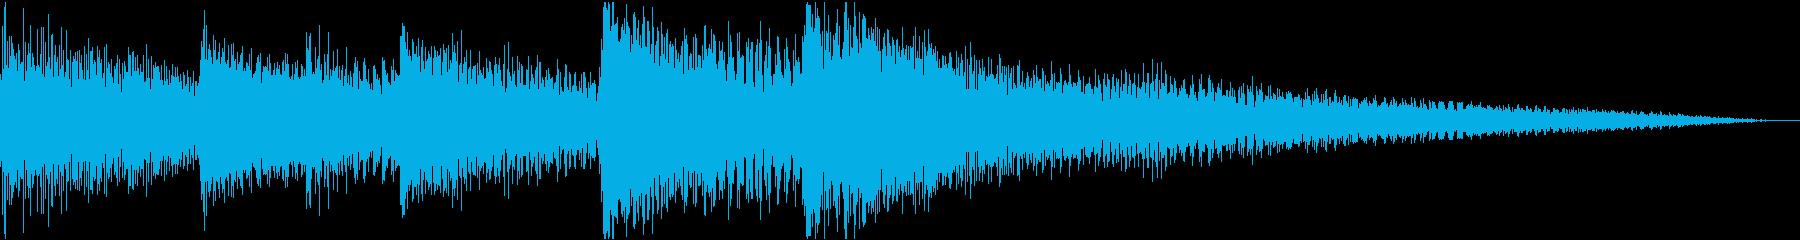 シンプル3秒ピアノジングル/サウンドロゴの再生済みの波形